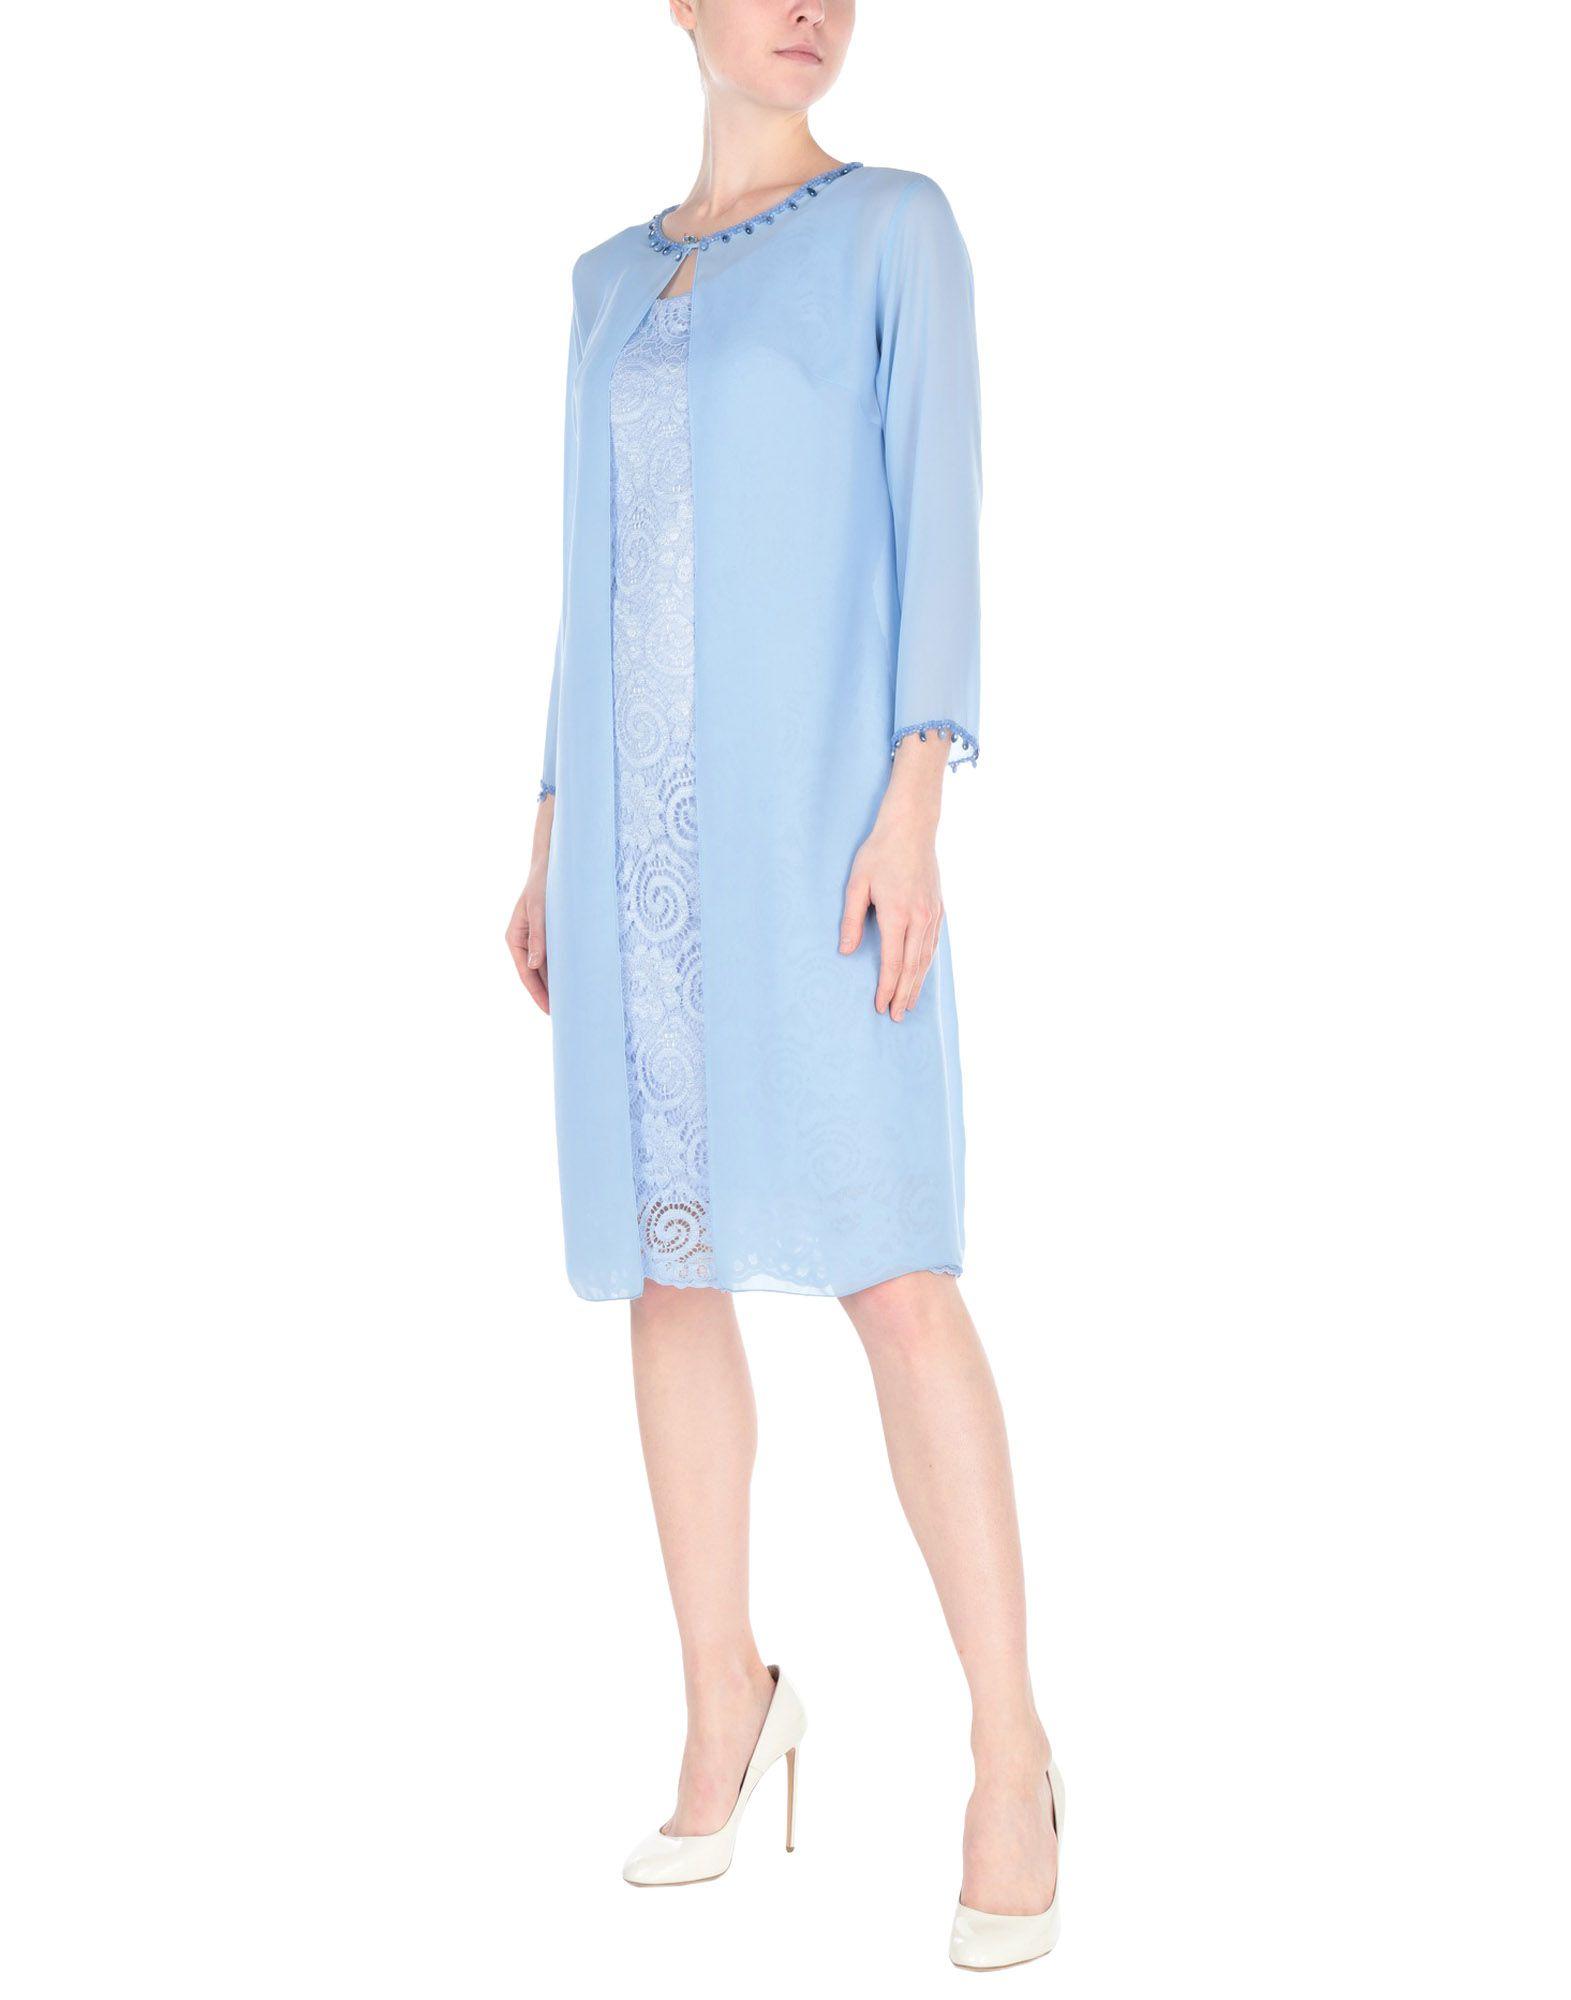 Dimensioneur Musani Musani Couture donna - 34913082PD  große Auswahl und schnelle Lieferung